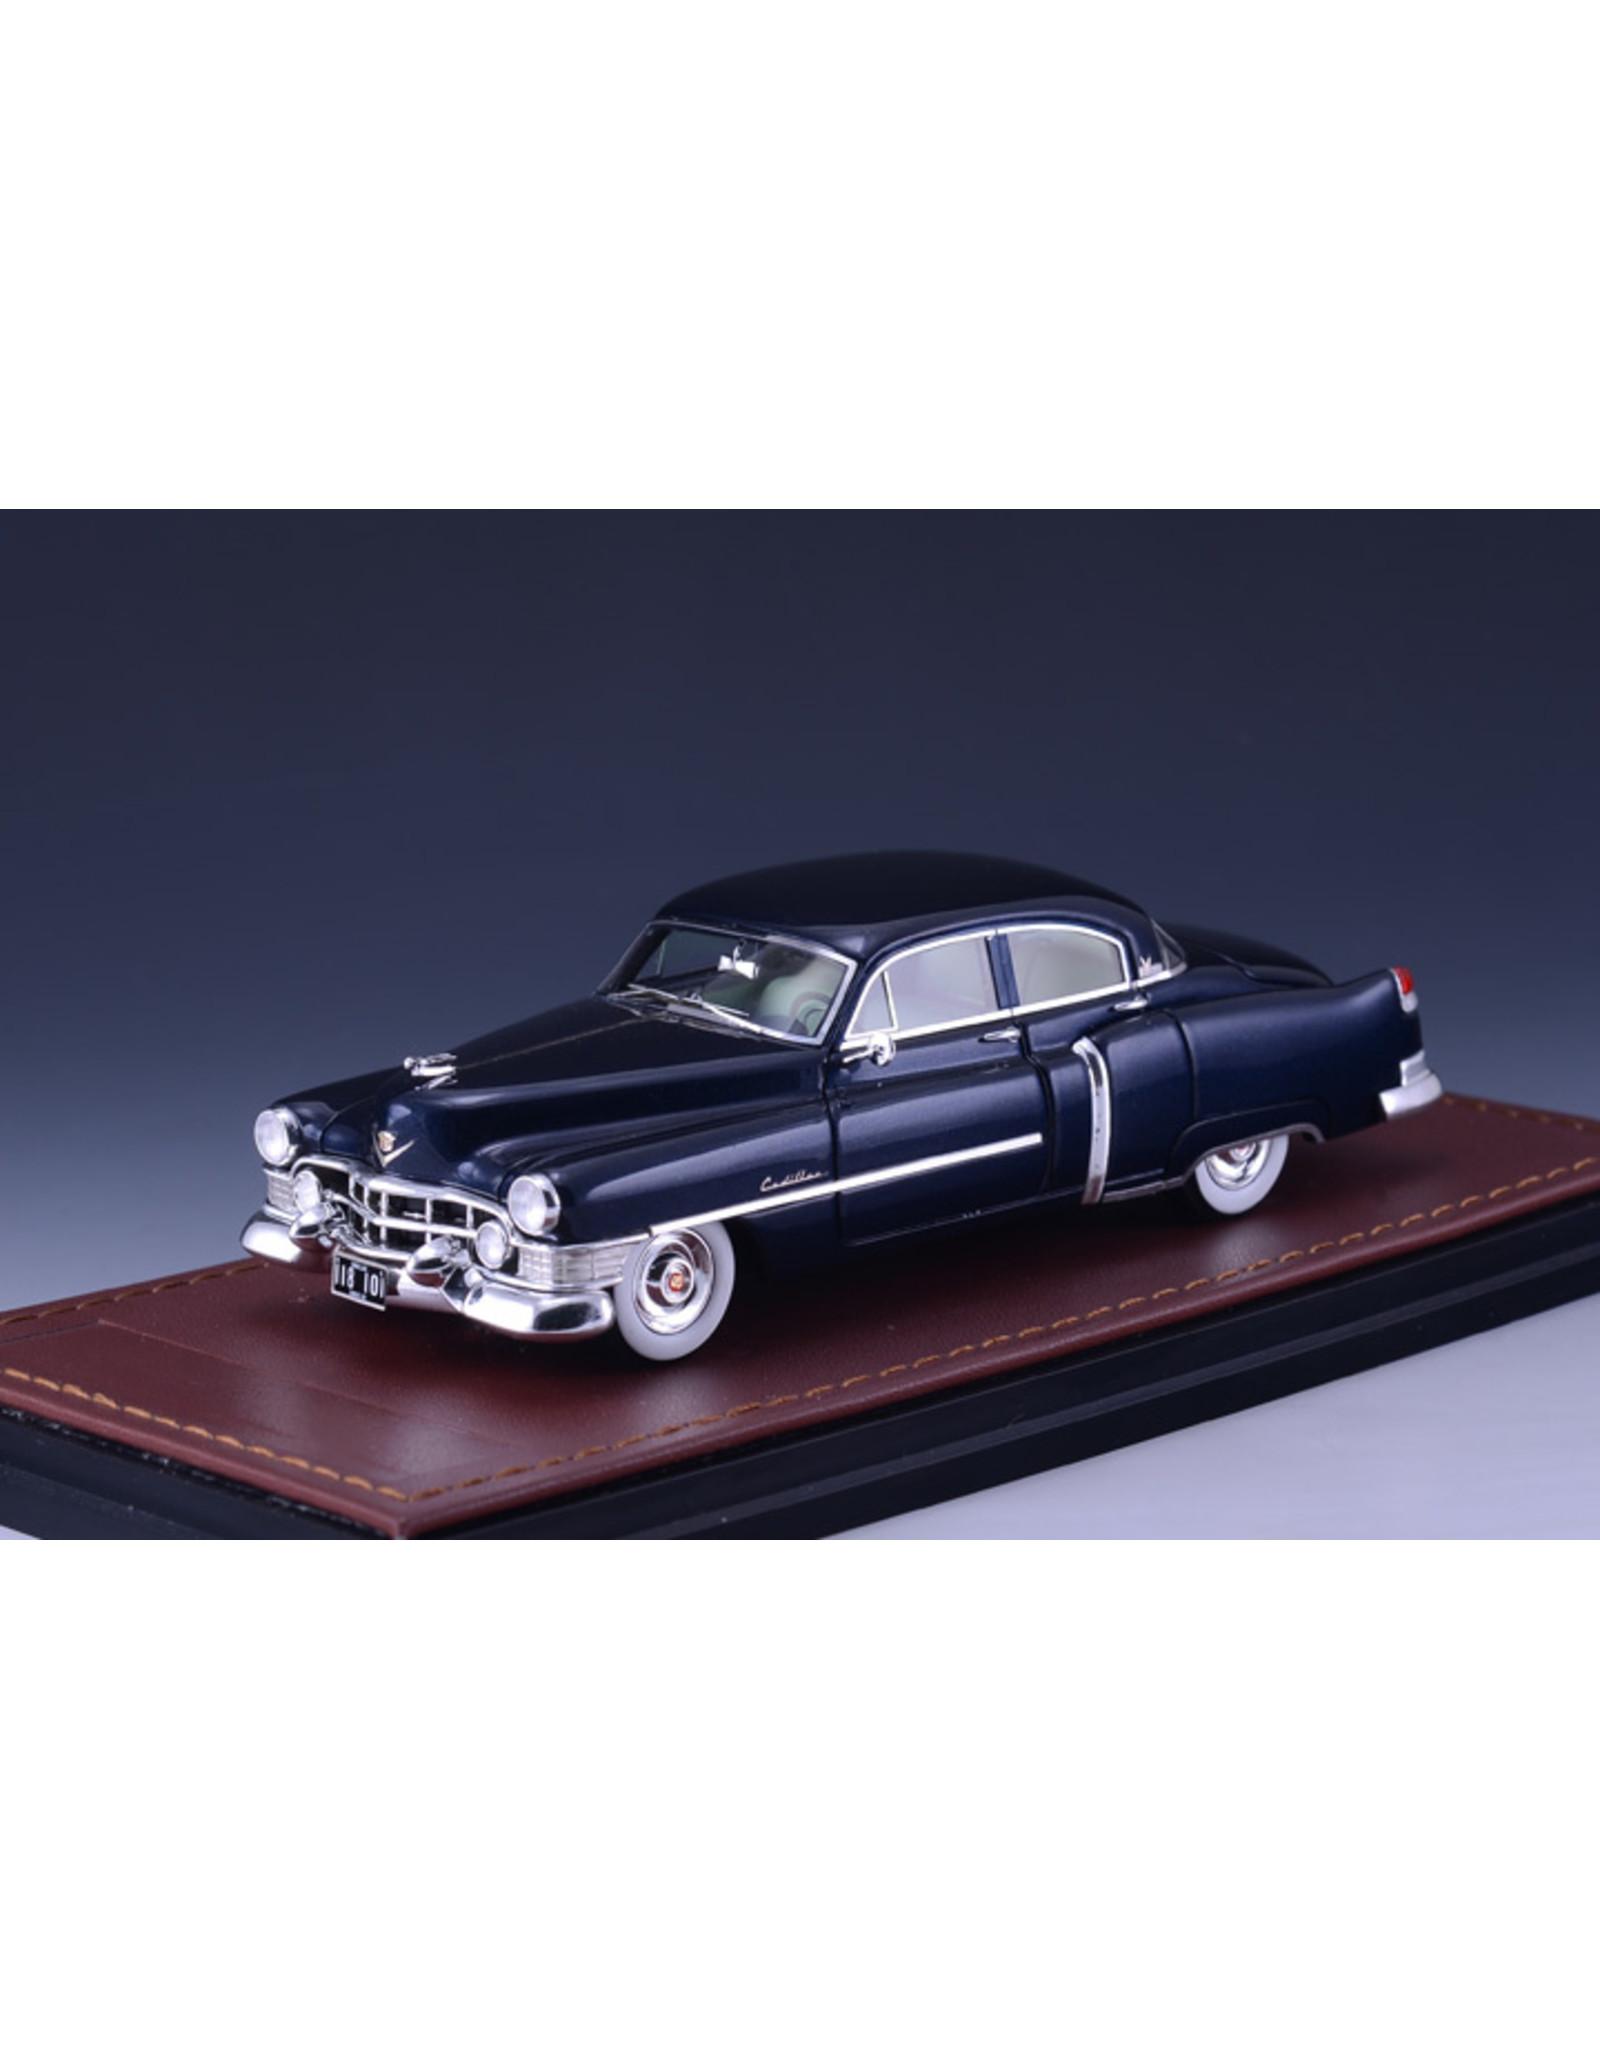 Cadillac(General Motors) Cadillac Series 61 Sedan-1951(blue metallic)